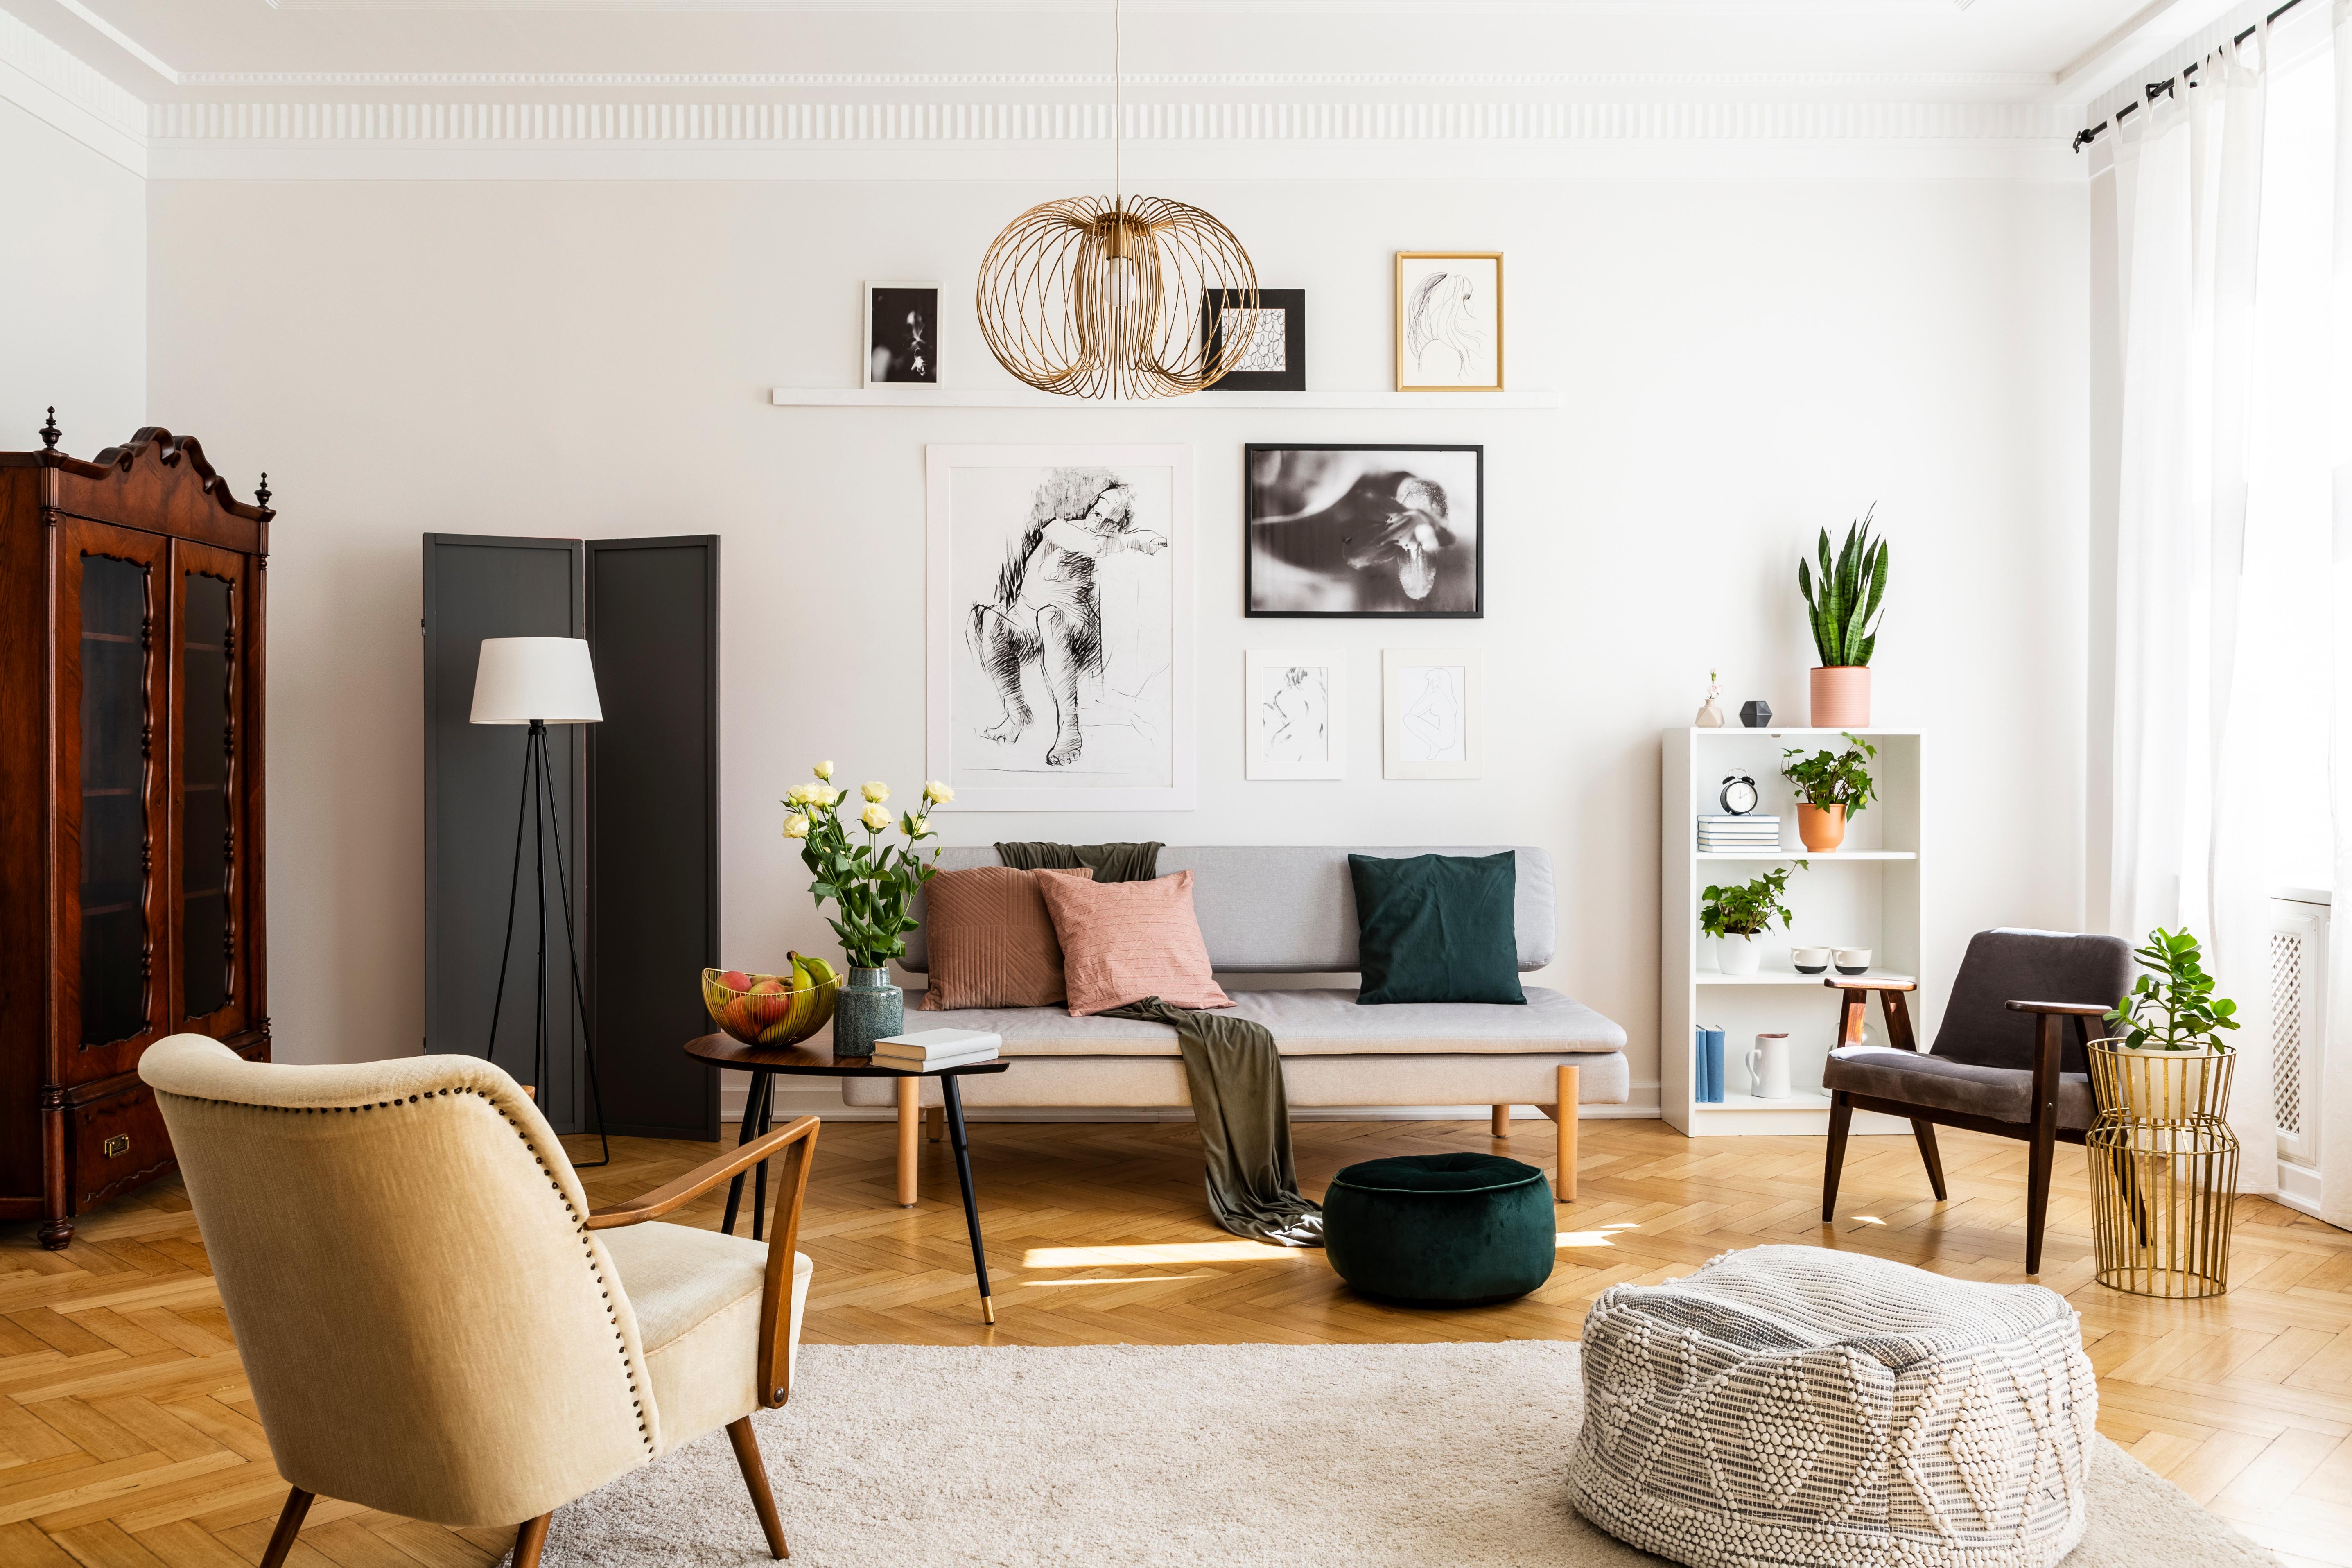 Arredamento per il soggiorno: 5 proposte a cui ispirarsi